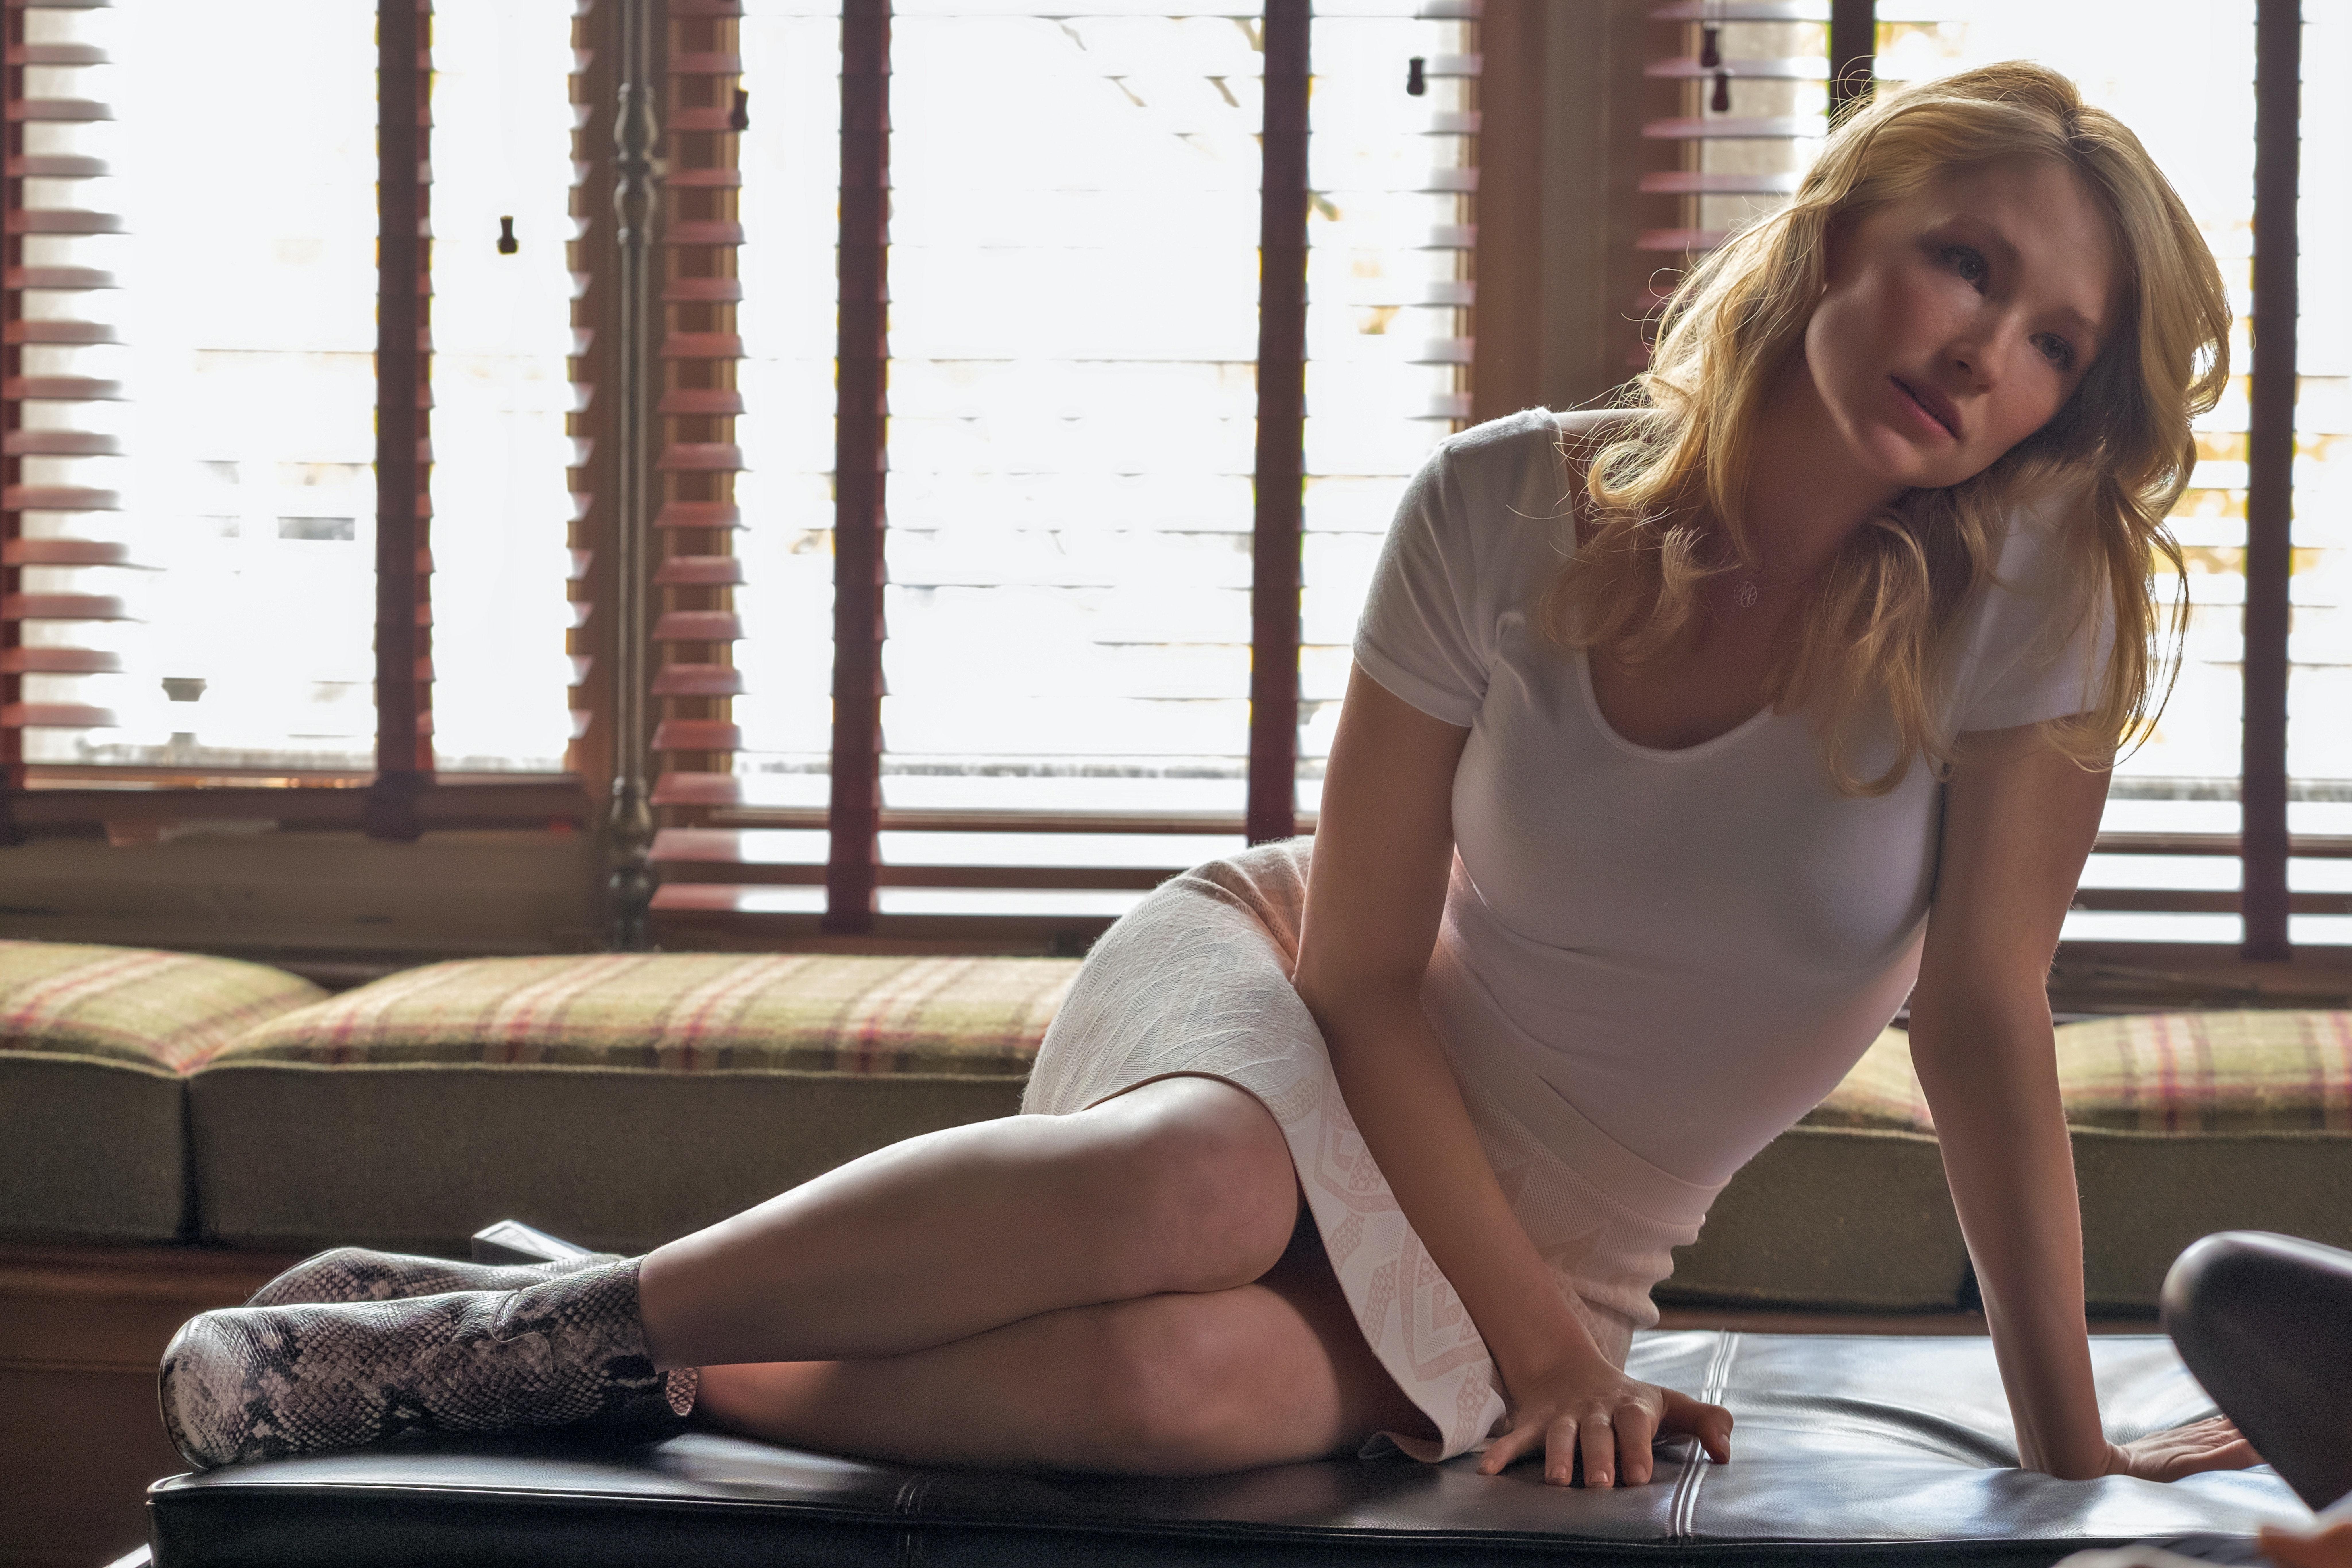 Haley Bennett as Megan